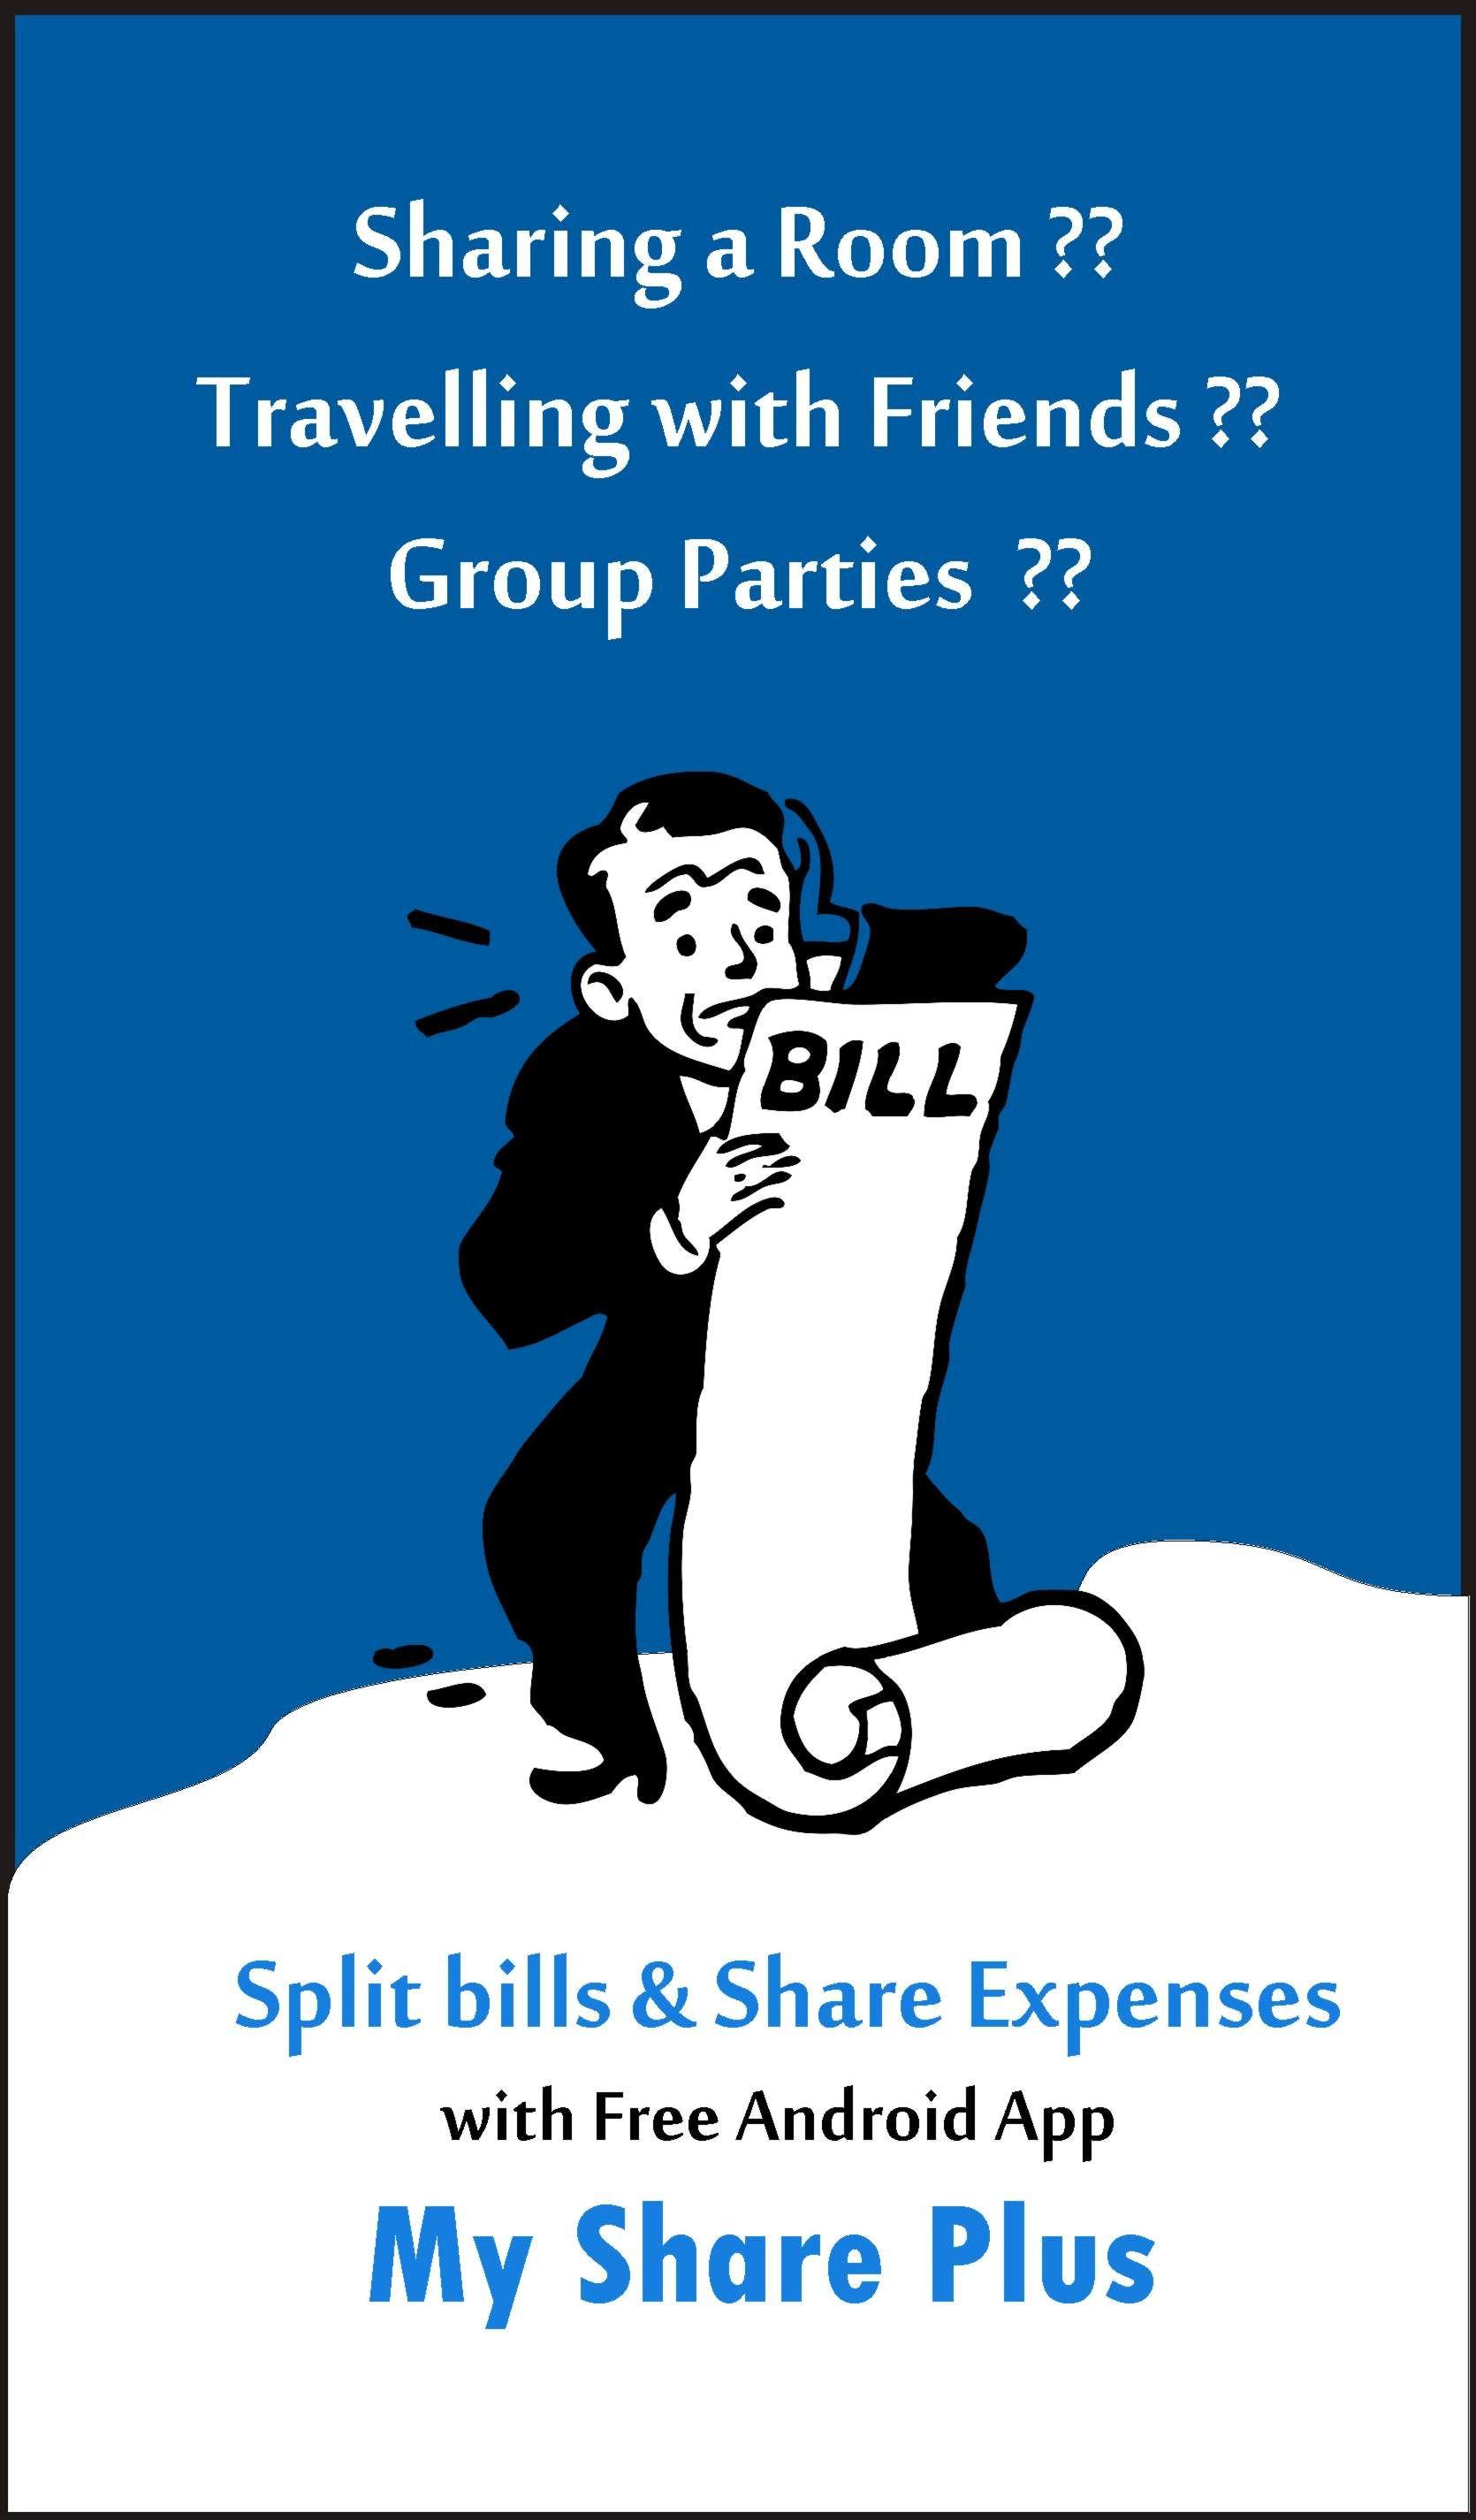 For Splitting Travel Bills | Share Expenses | Expense tracker, App